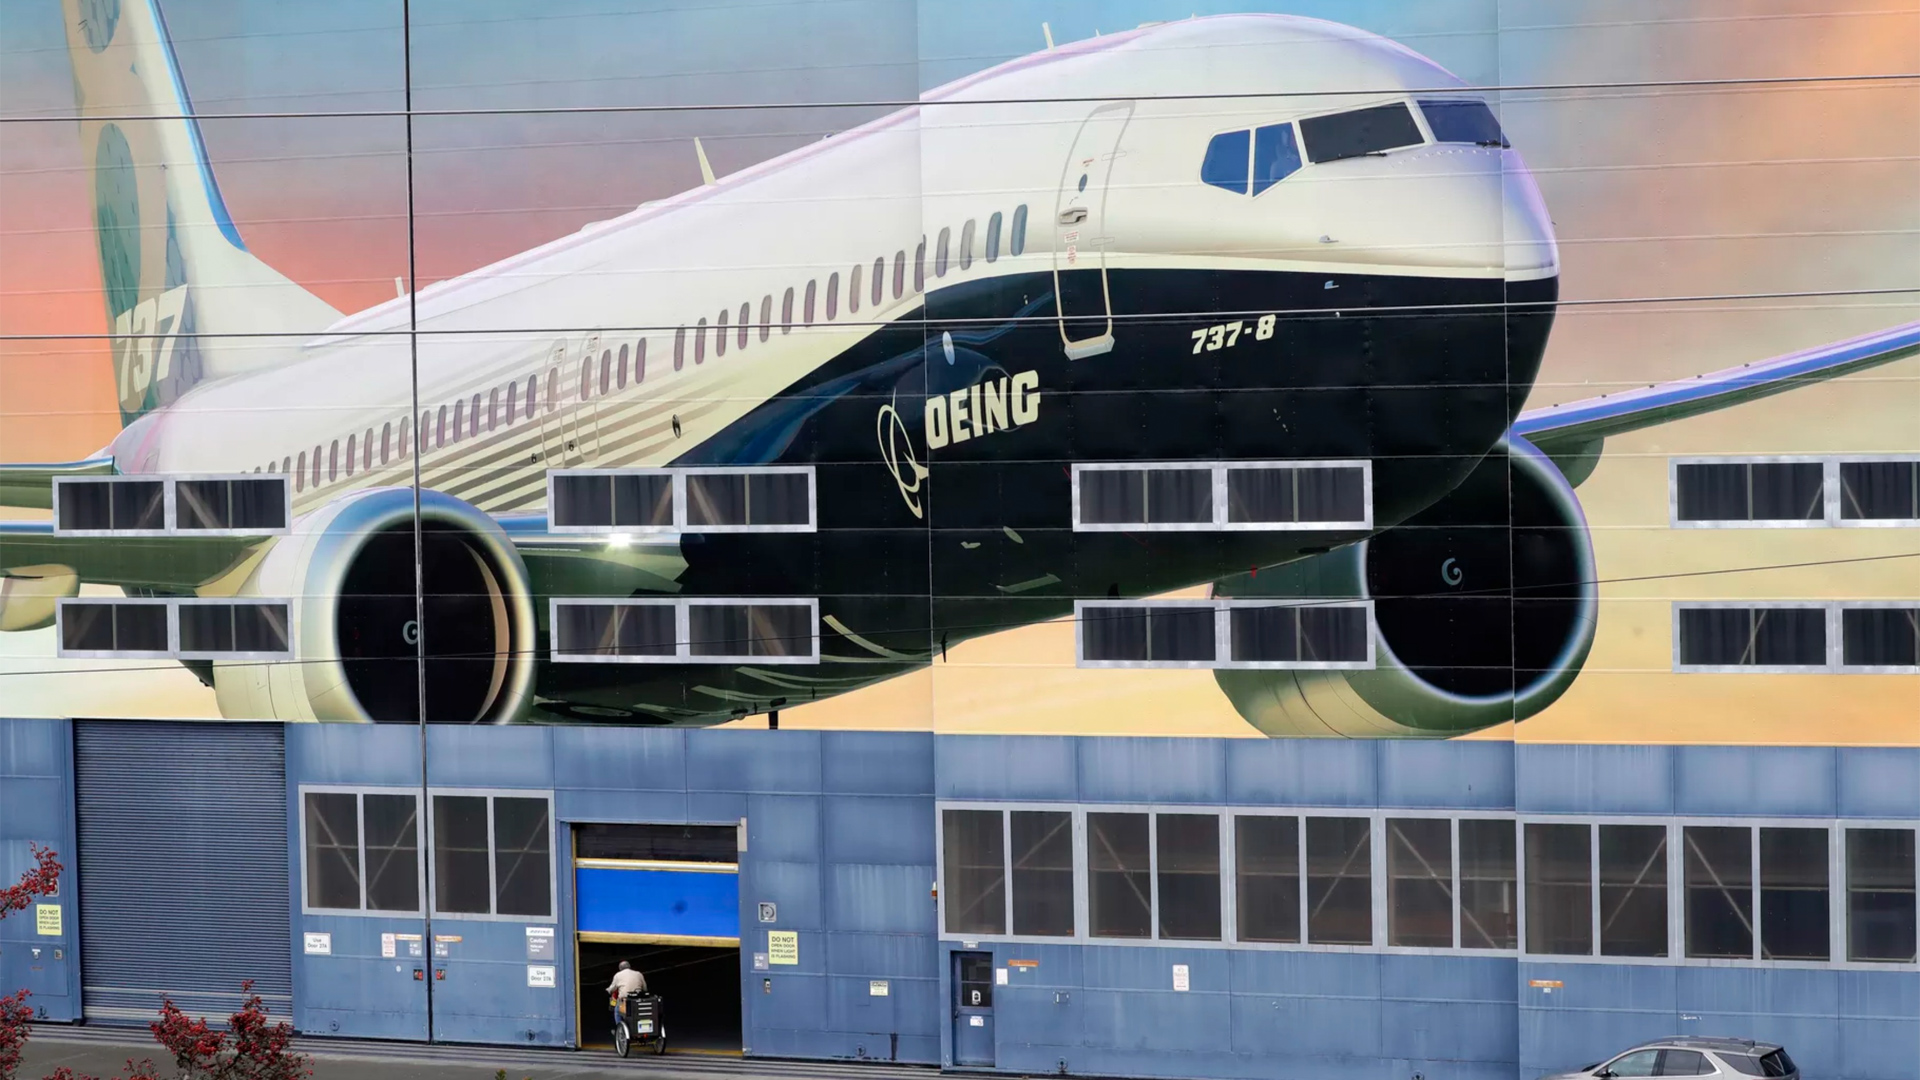 Aircraft painted lifesize on hangar door